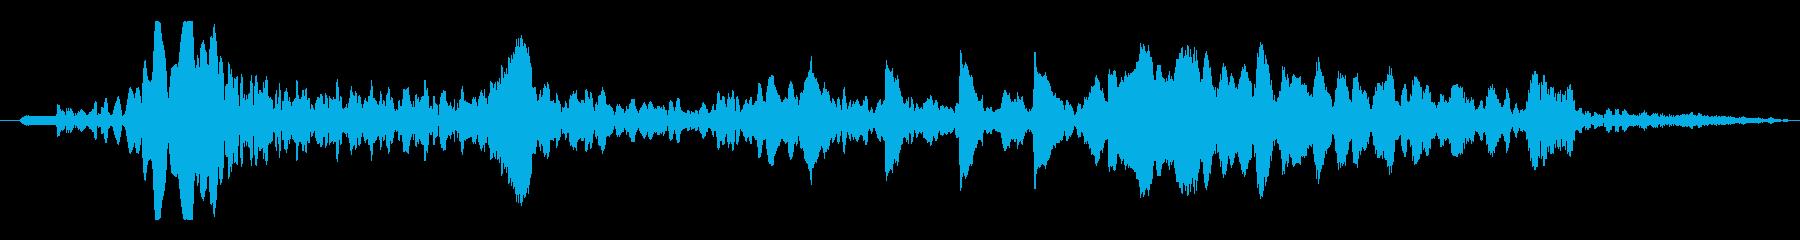 フィクション スペース リズミック...の再生済みの波形